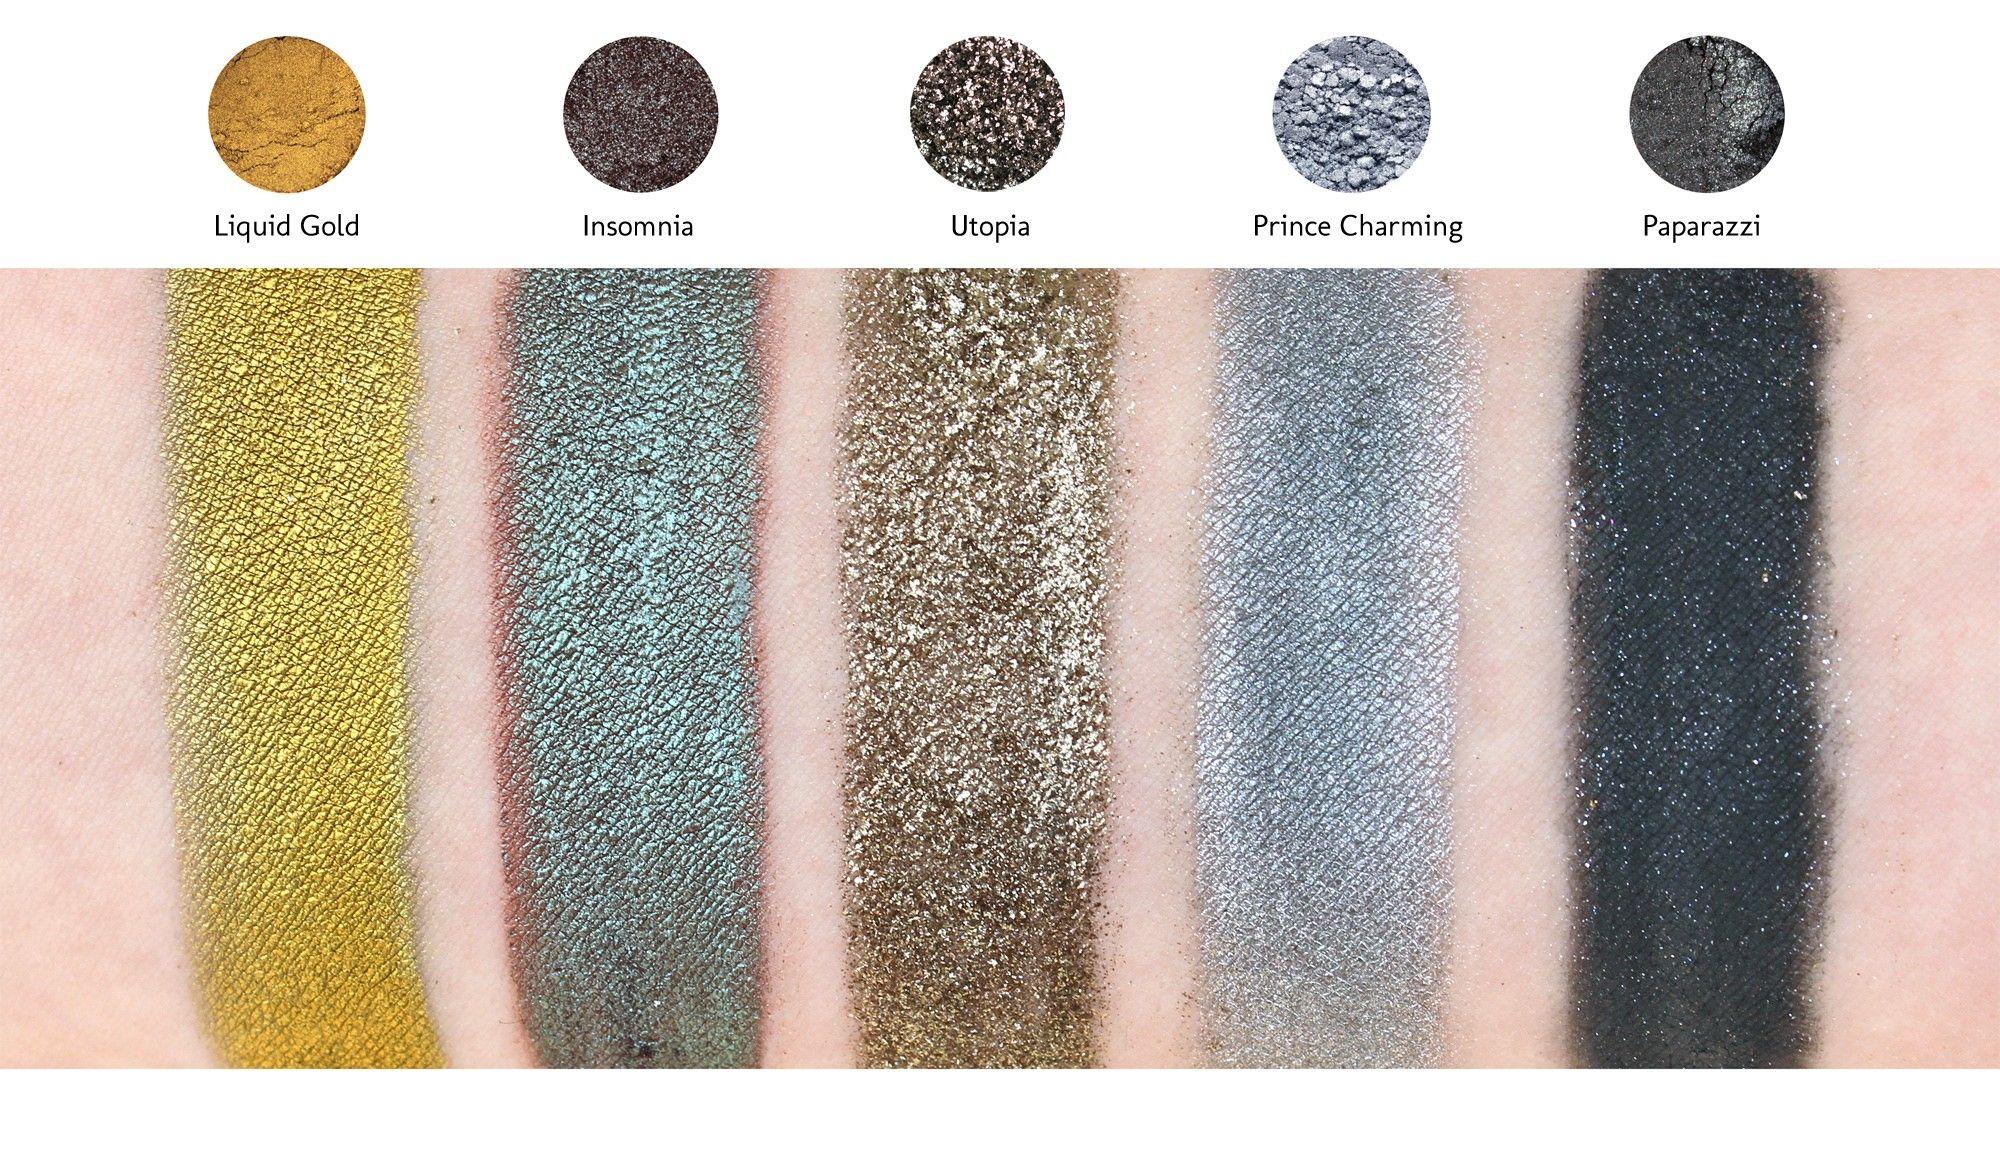 Makeup Geek Pigment Prince Charming Makeup Geek Pigments Pigments Glitters Eyes Makeup Geek Makeup Geek Pigment Liquid Gold Makeup